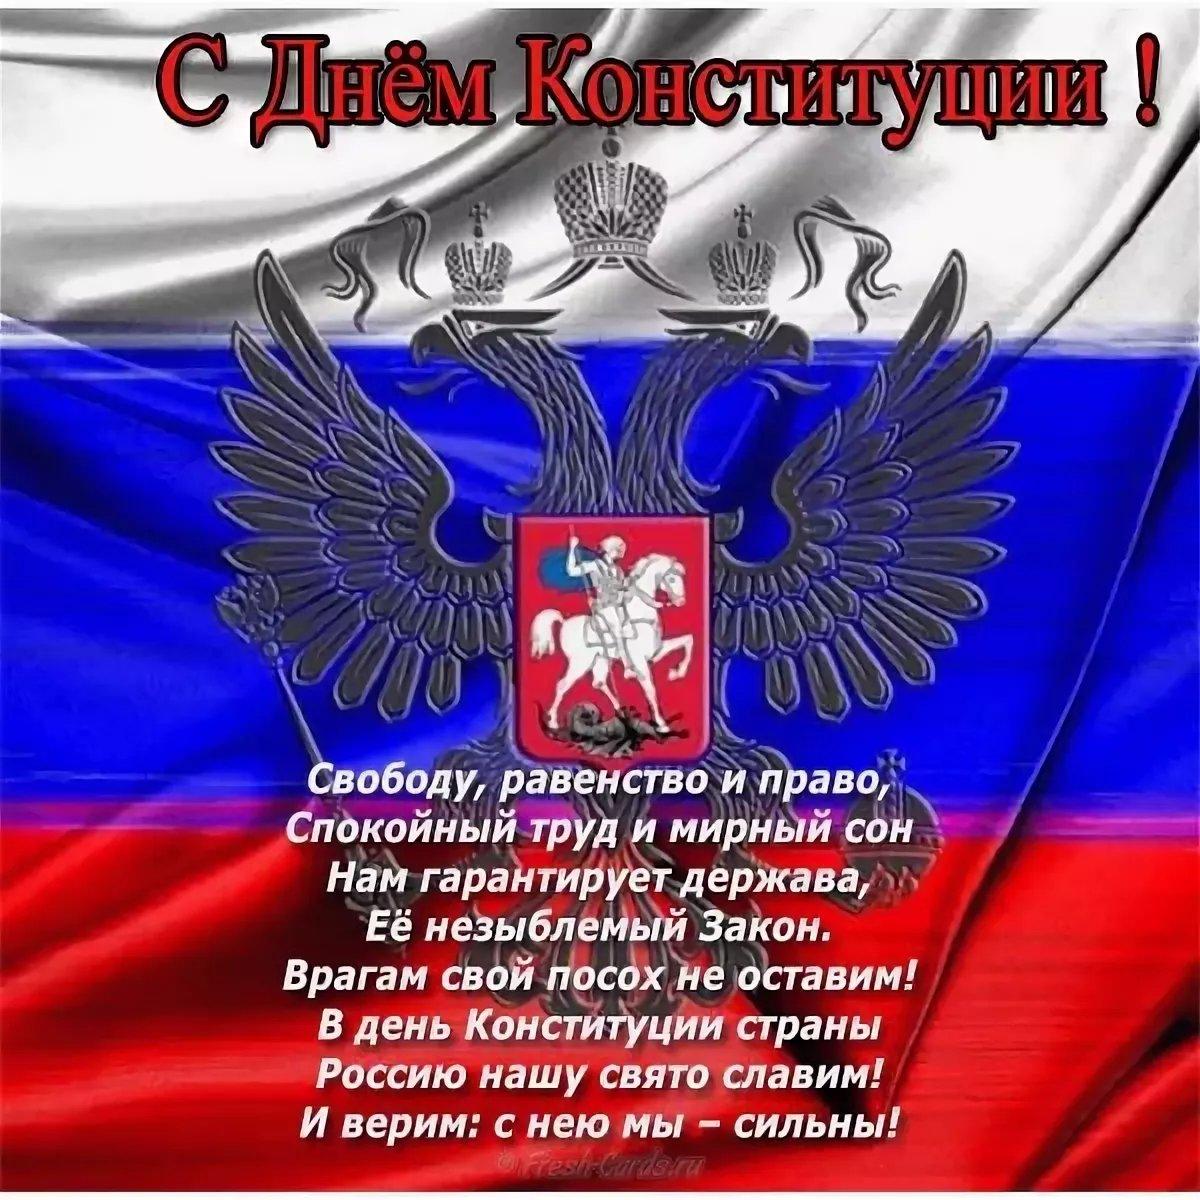 Поздравления открытки, поздравления с днем конституции картинки